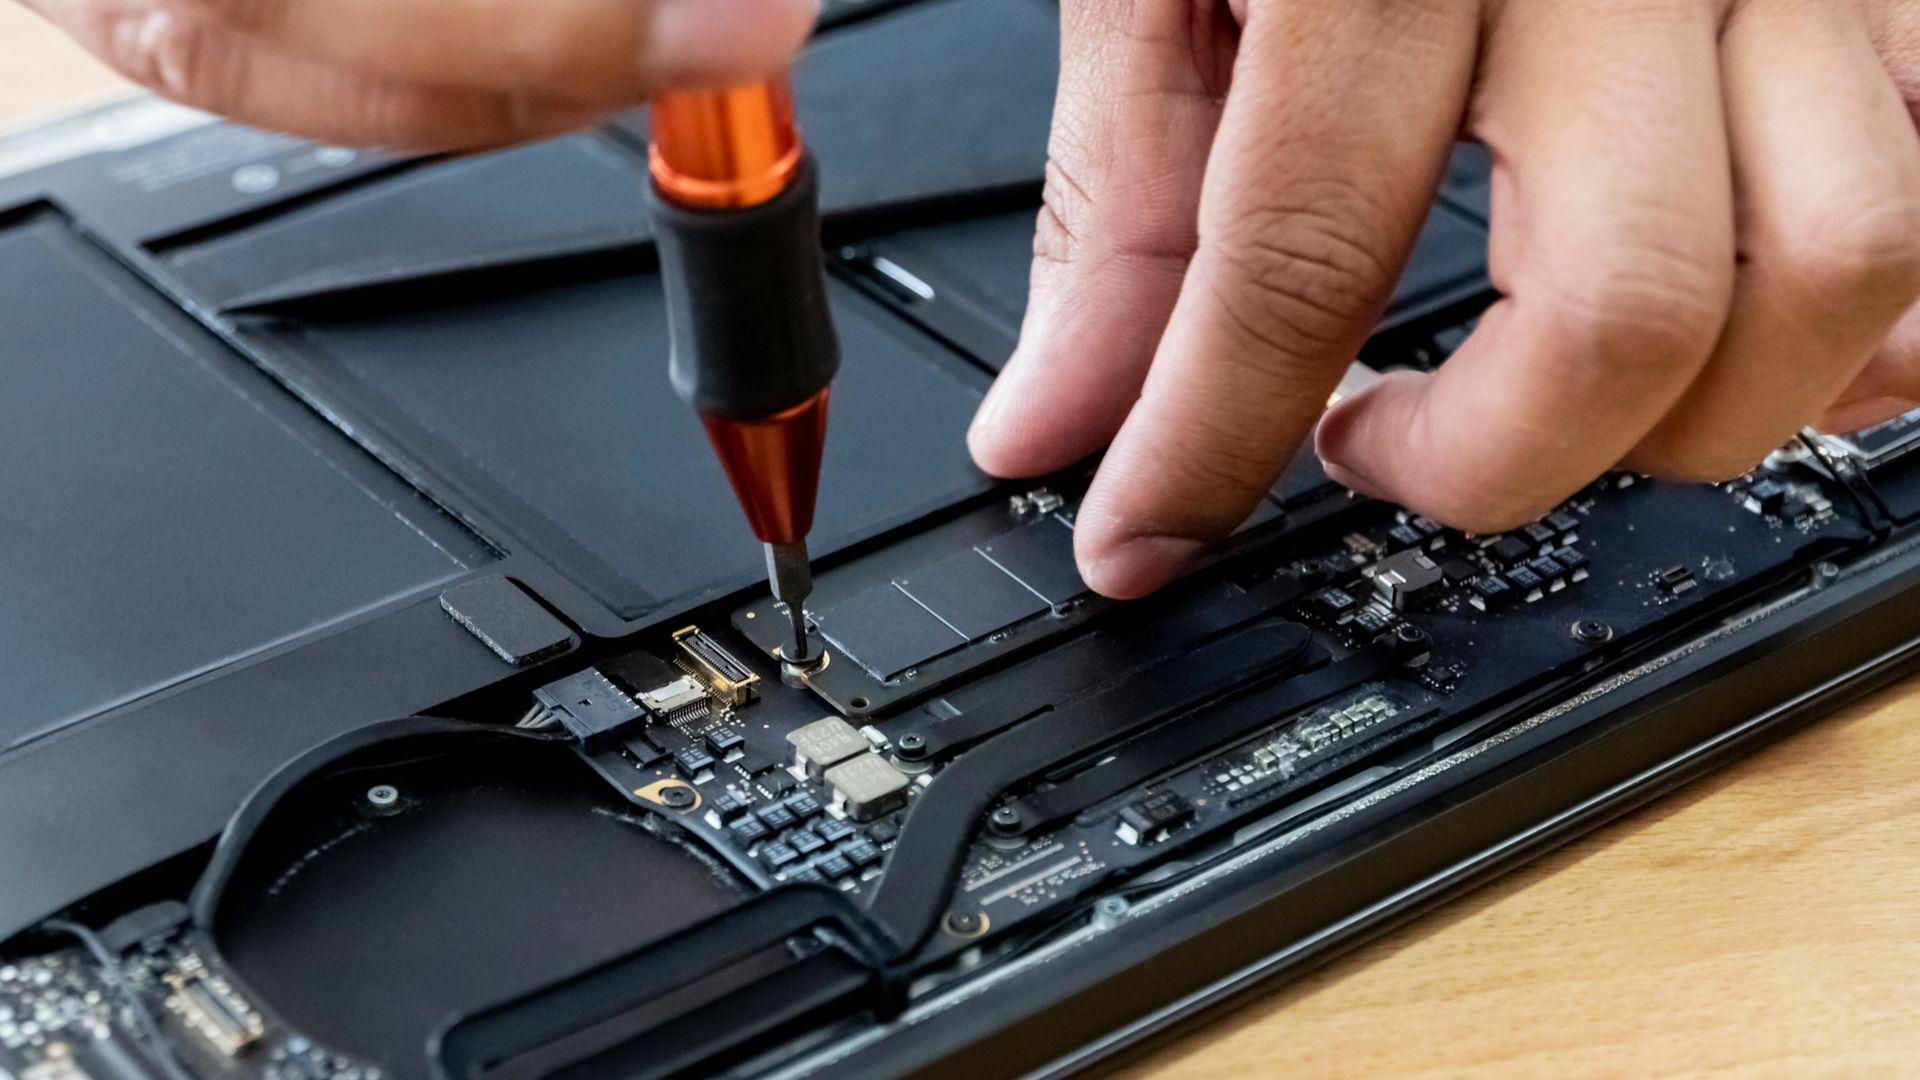 Os notebooks mais modernos aceitam a instalação de um SSD M.2. (Foto: Shutterstock/Santiago Salinas)